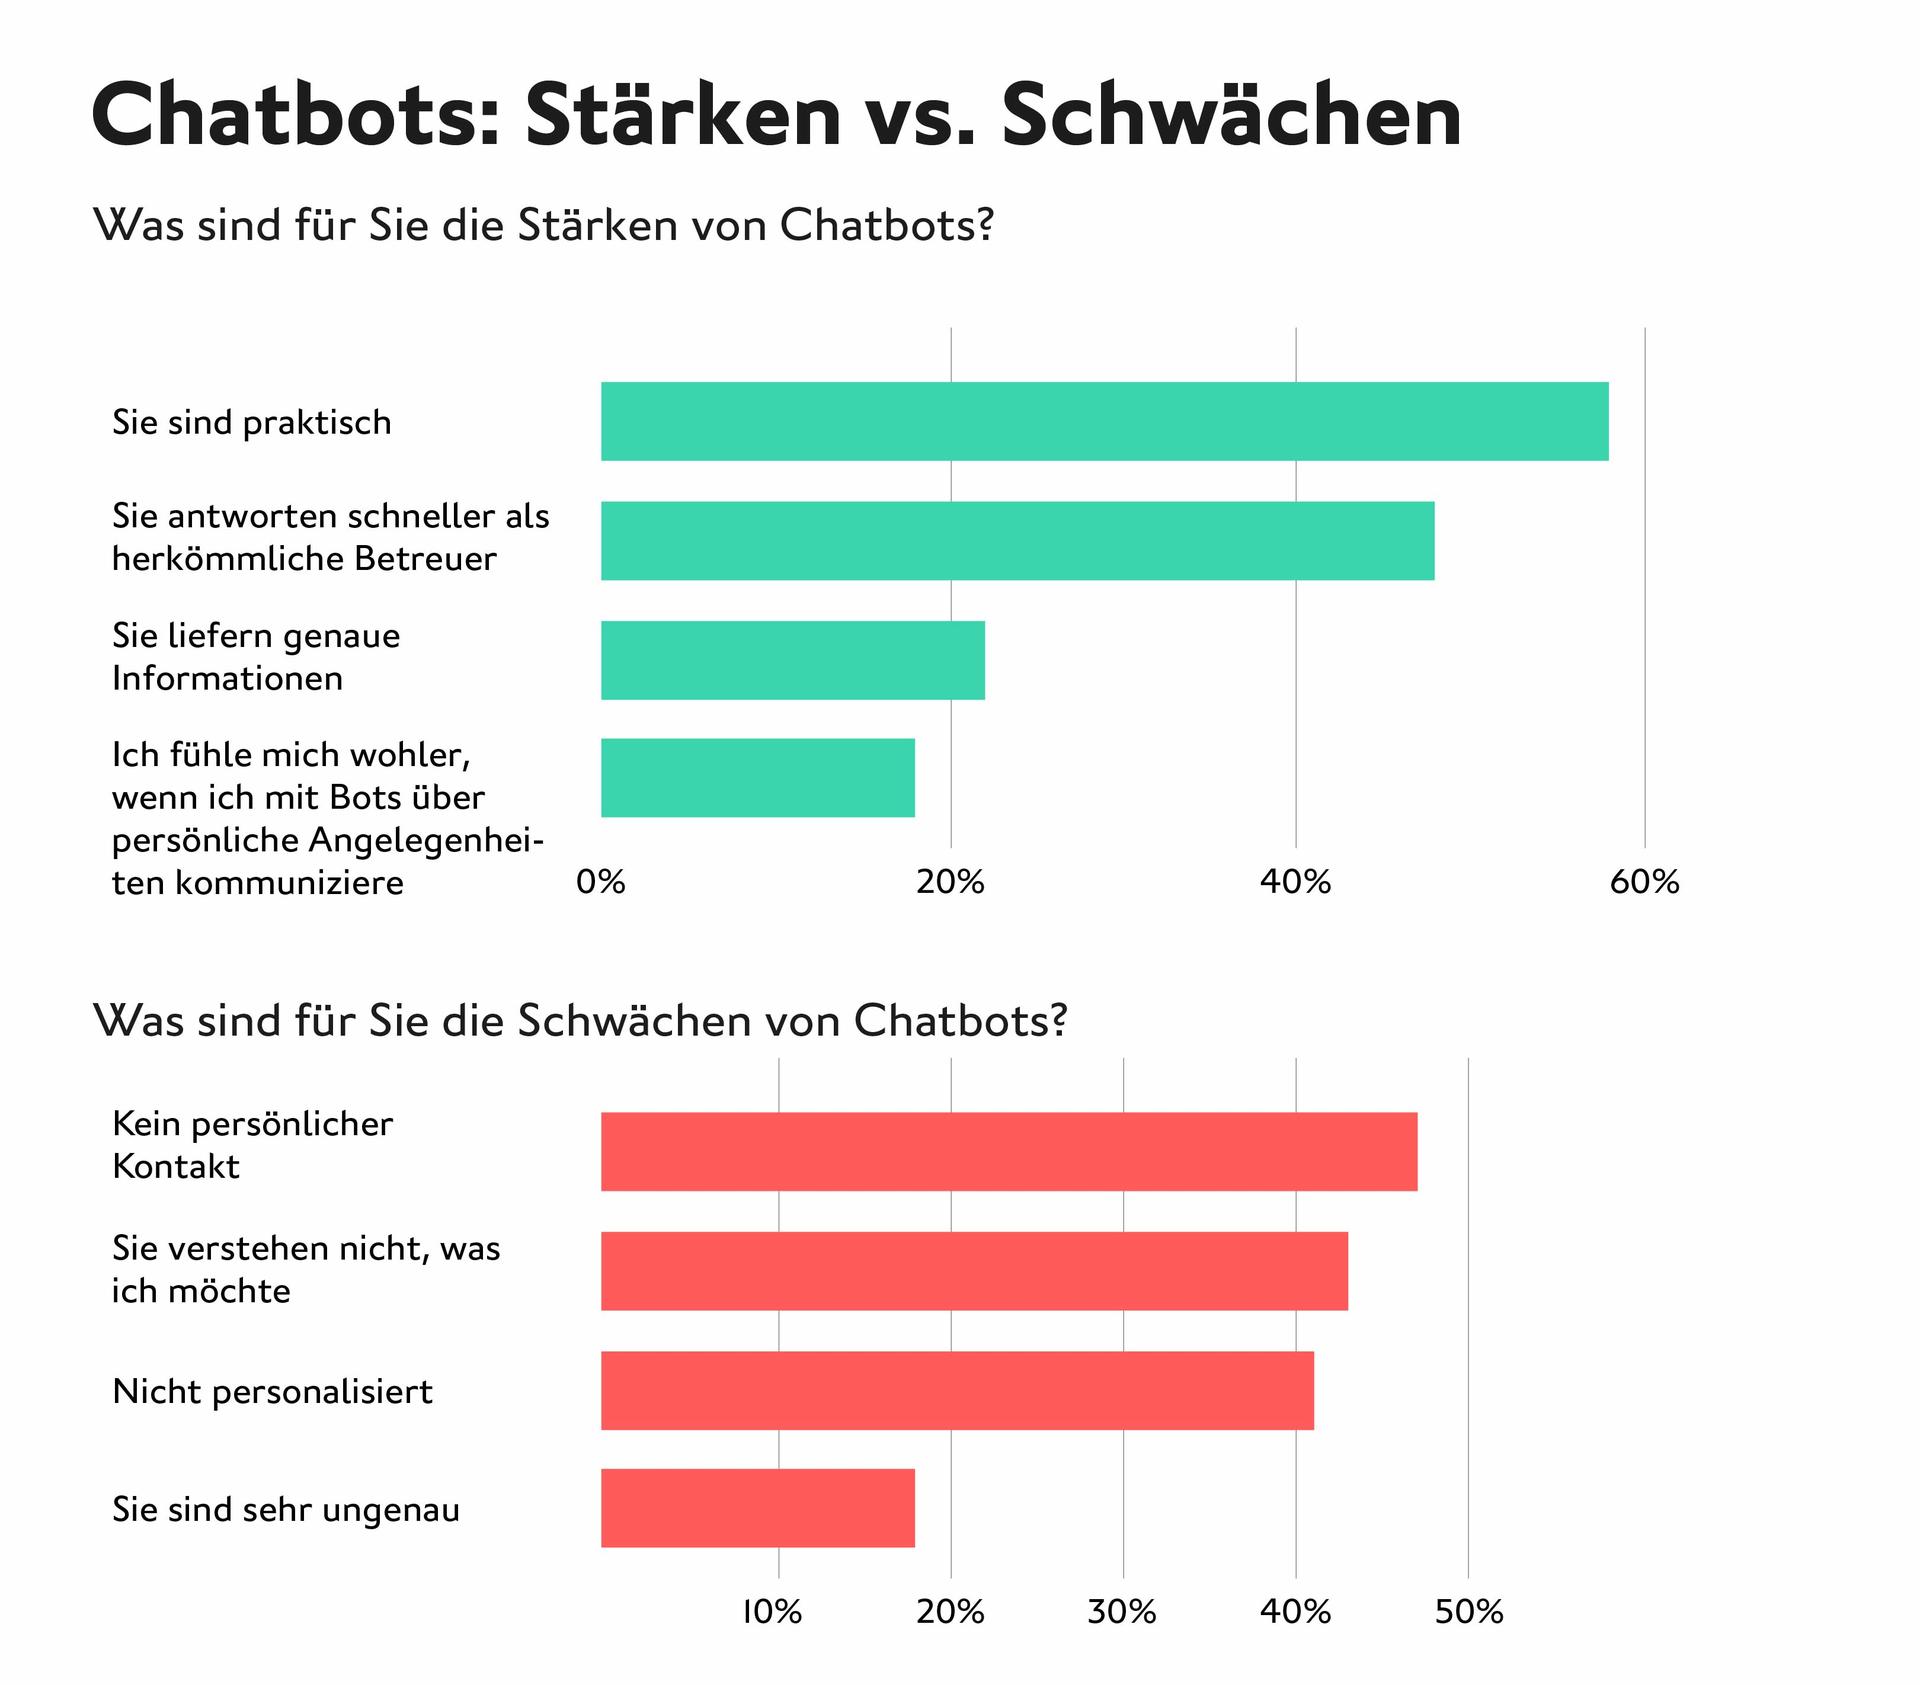 LINK Mobility - Vergleichs-Diagramm über Stärken und Schwächen von Chatbots